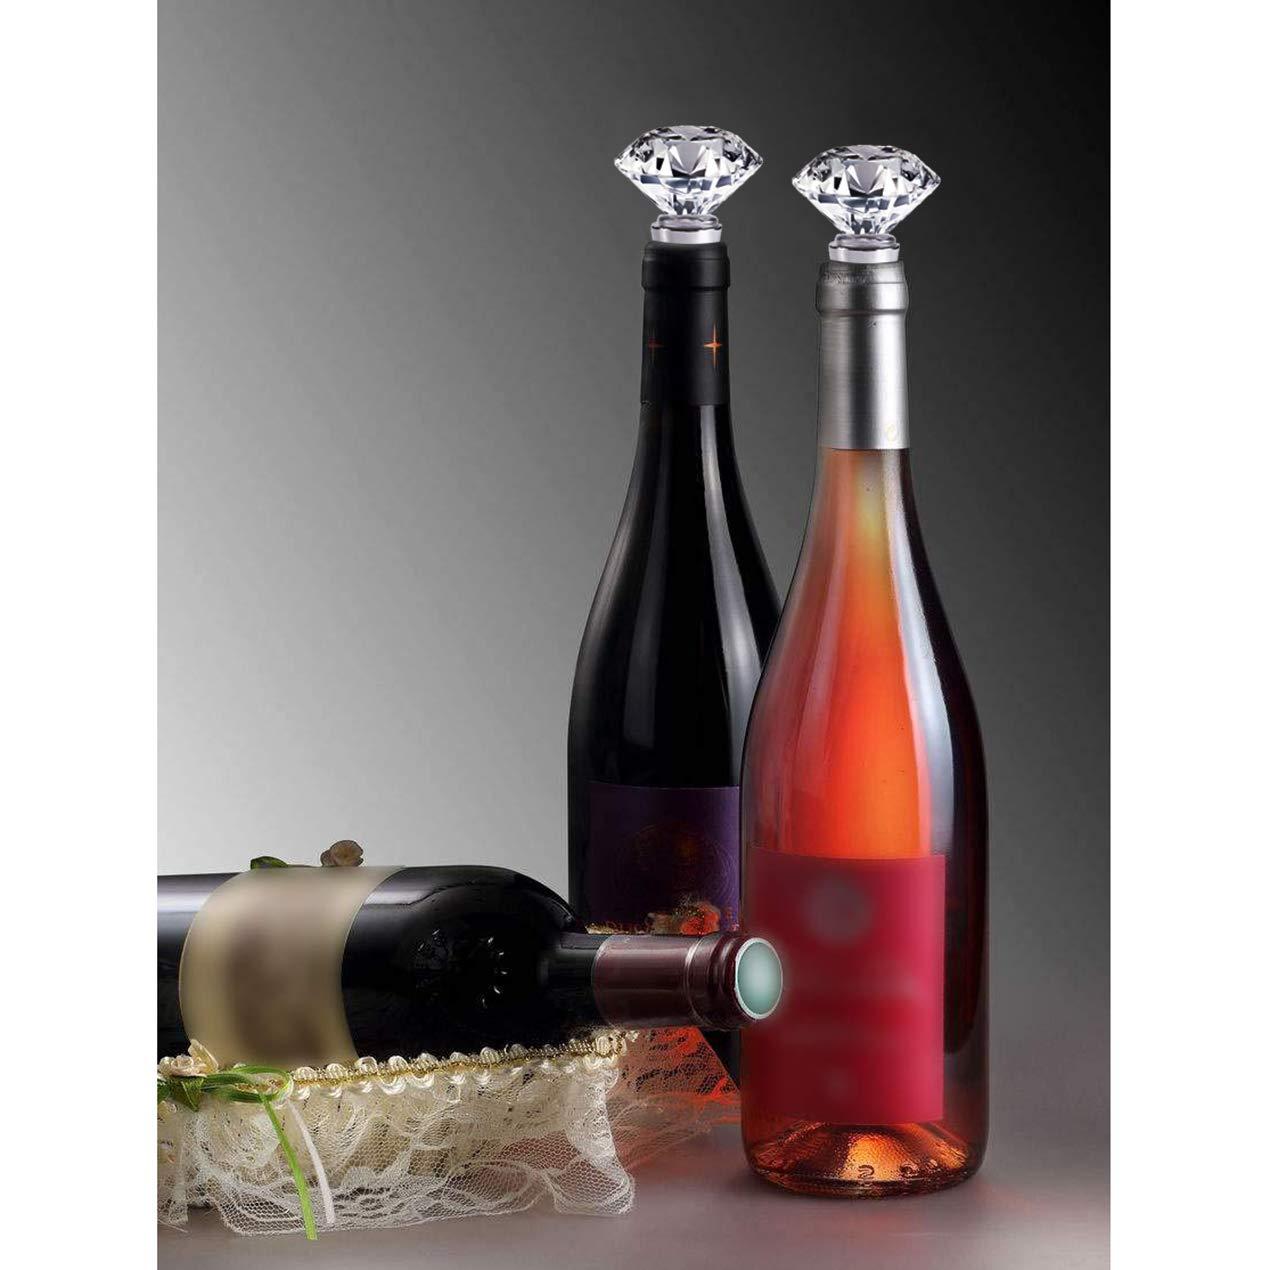 Giriaitus Bouchon de vin en cristal d/écoratif en m/étal avec bo/îte cadeau cadeau de mariage en diamant Bouchon de bouteille de vin avec bo/îte cadeau Bouchon r/éutilisable